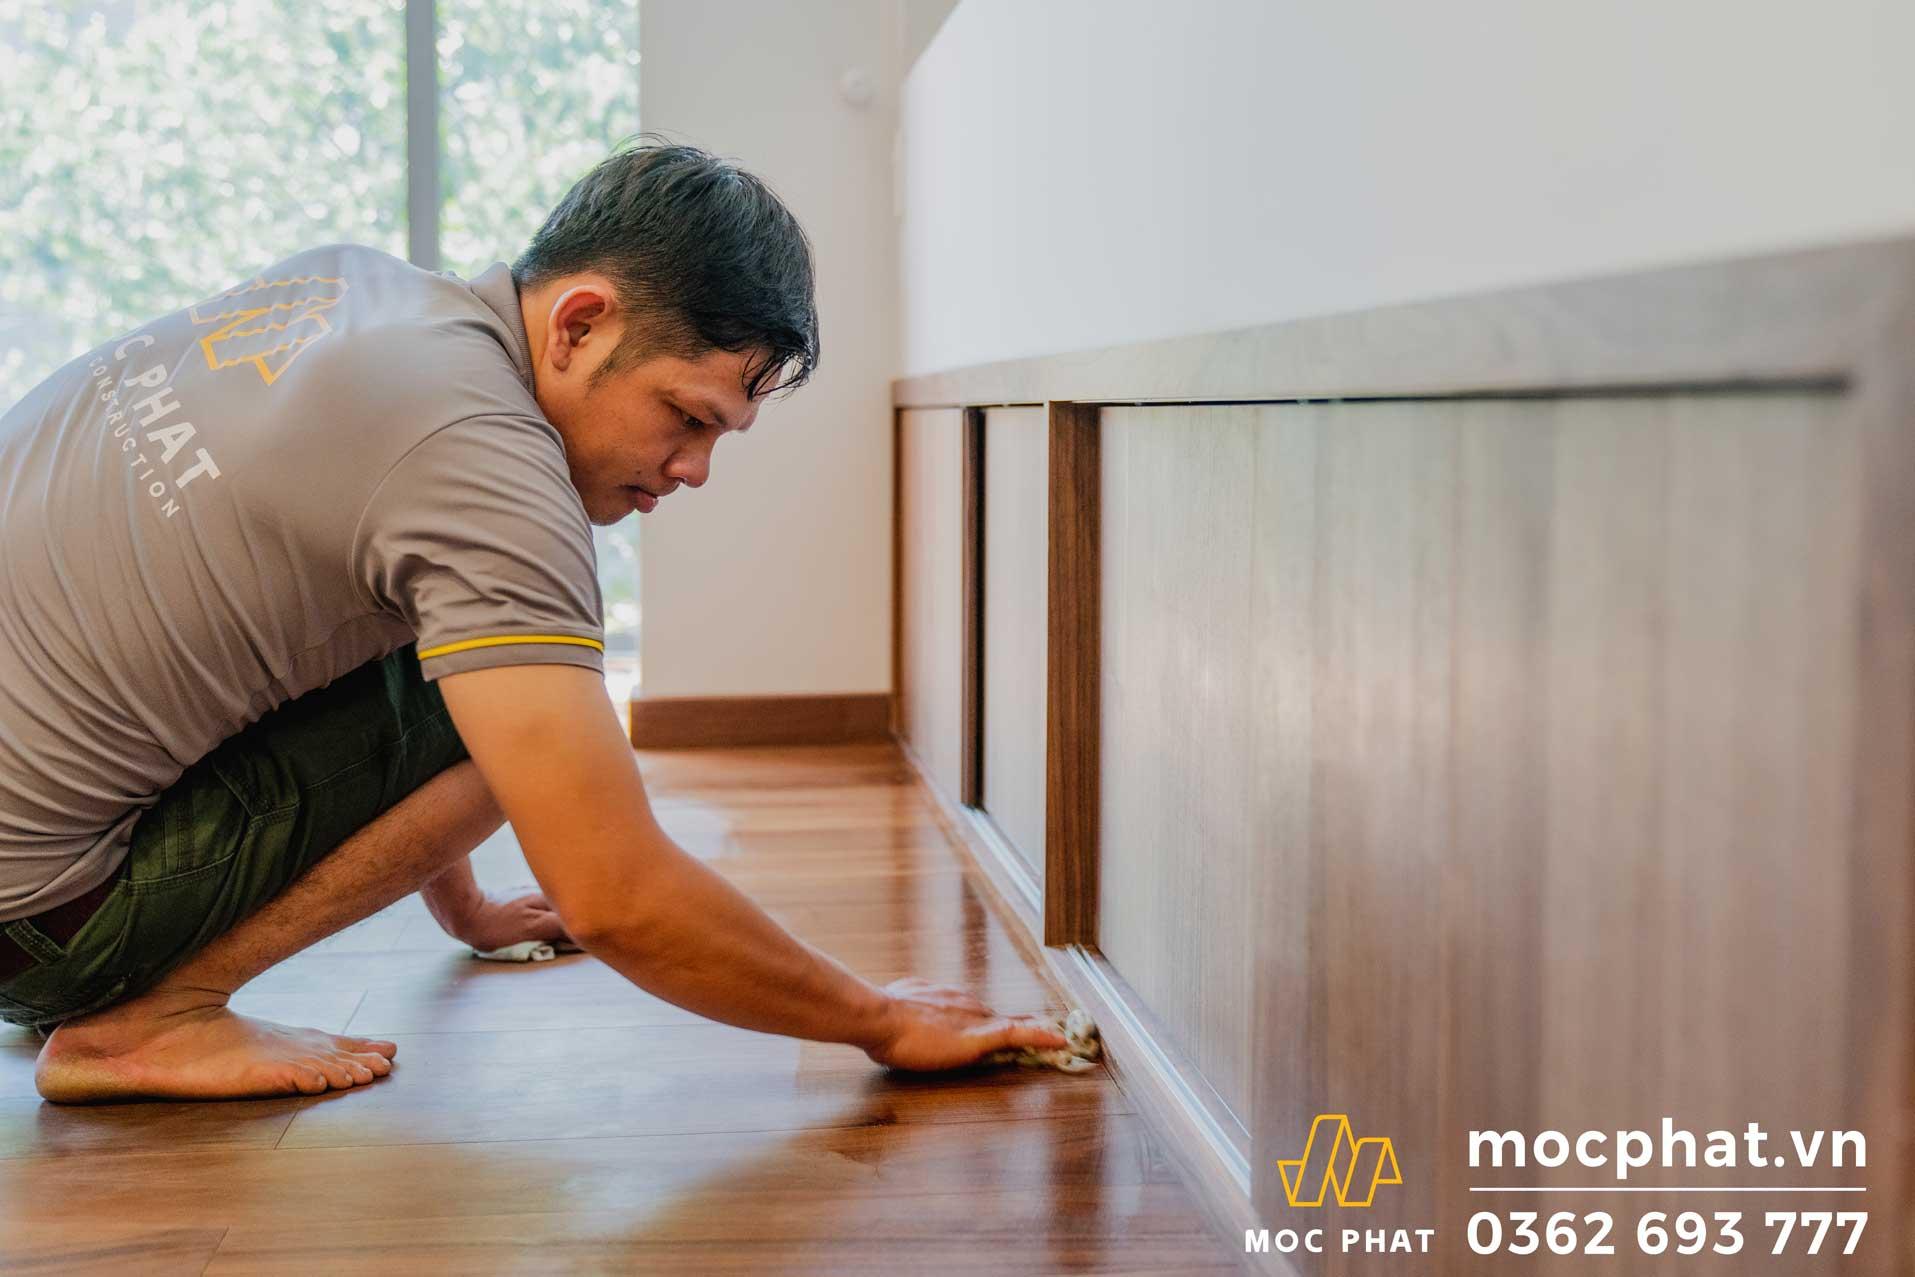 lau dàu osmo bảo quản gỗ